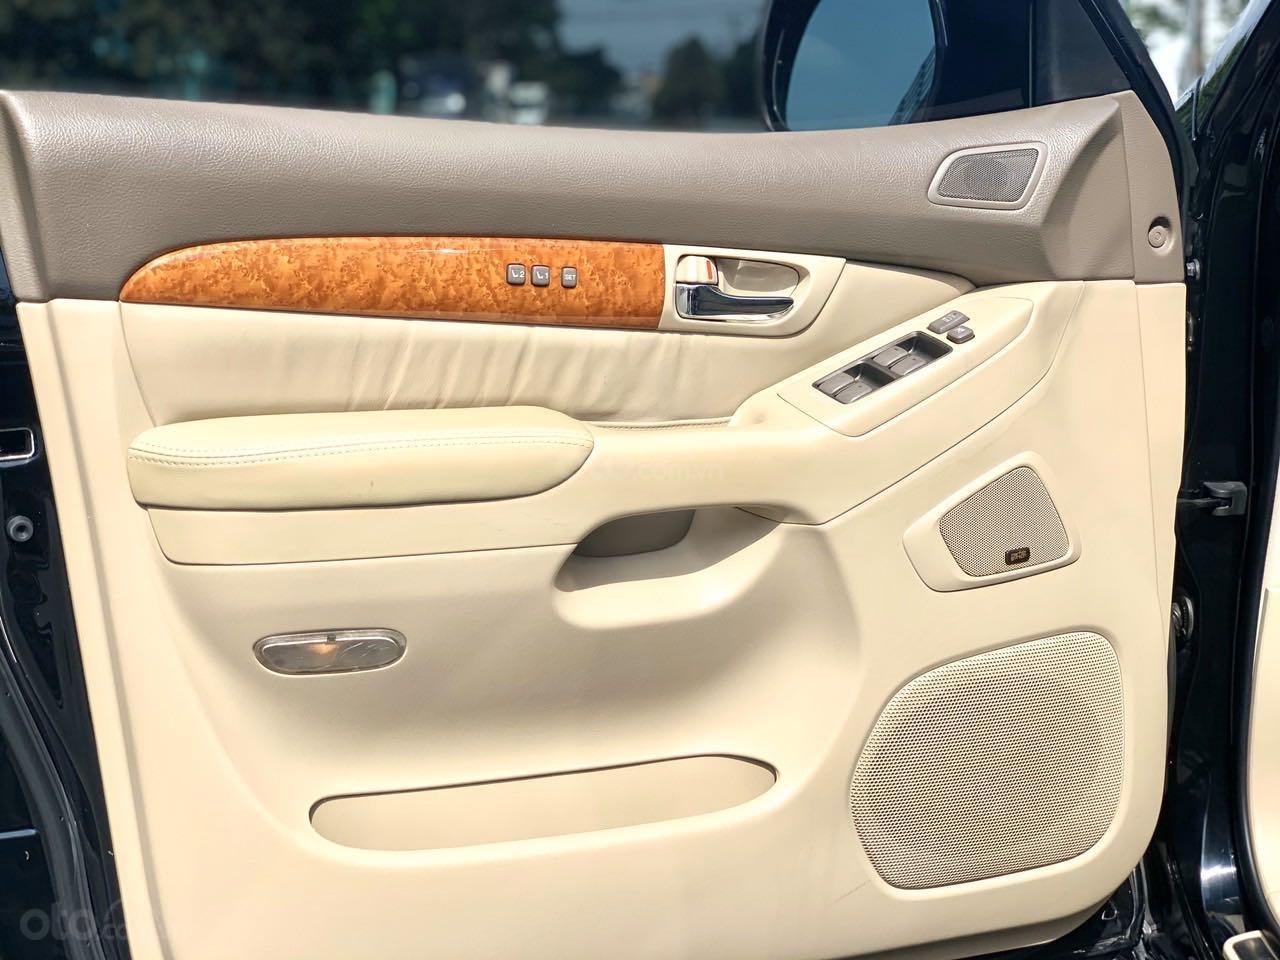 Cần bán Lexus GX 470 đúng vin 2007, xe cao cấp full option, cực chất (12)